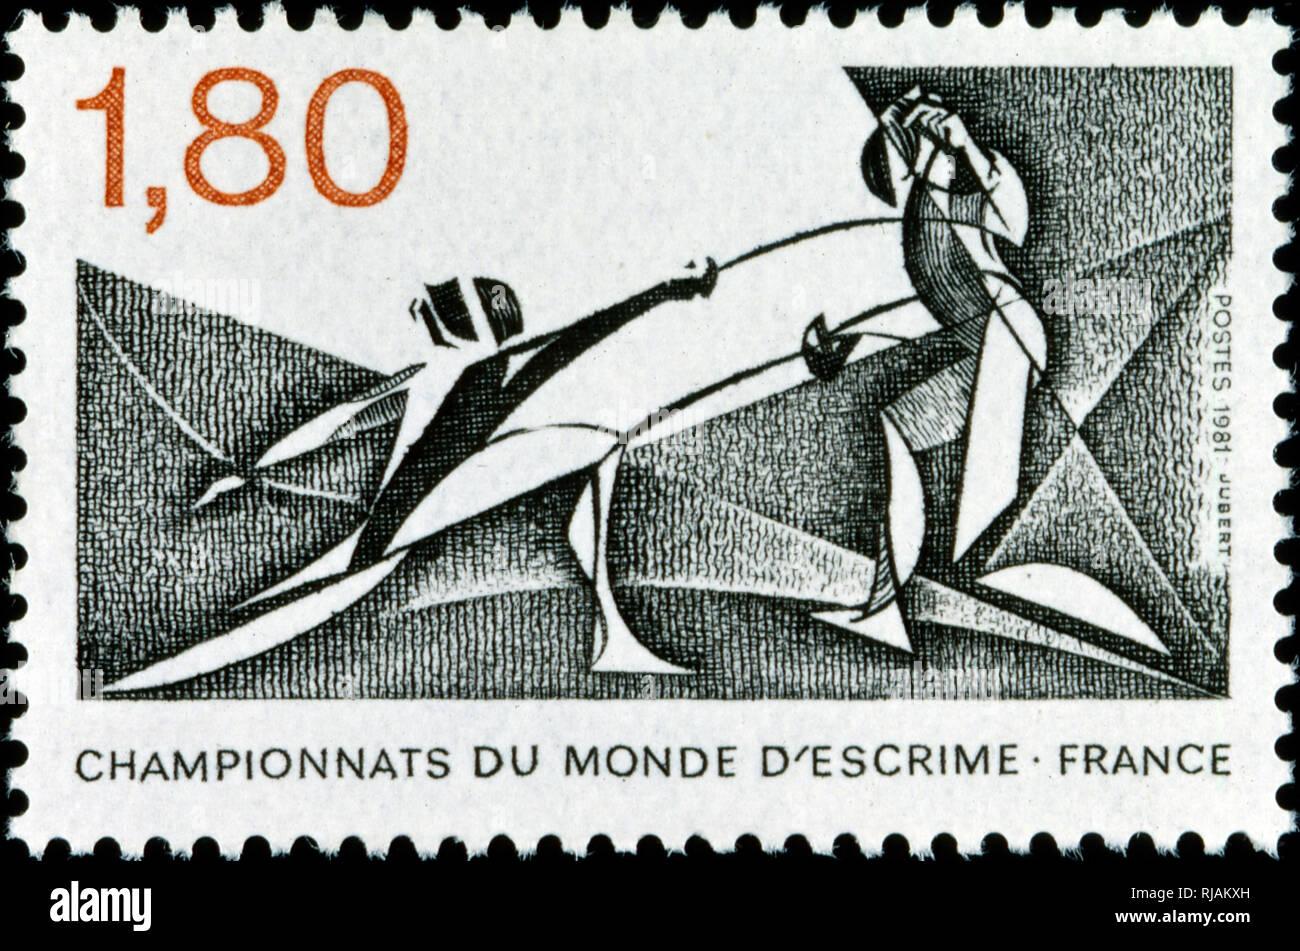 Francés estampilla conmemorando el campeonato mundial de esgrima 1982 Imagen De Stock